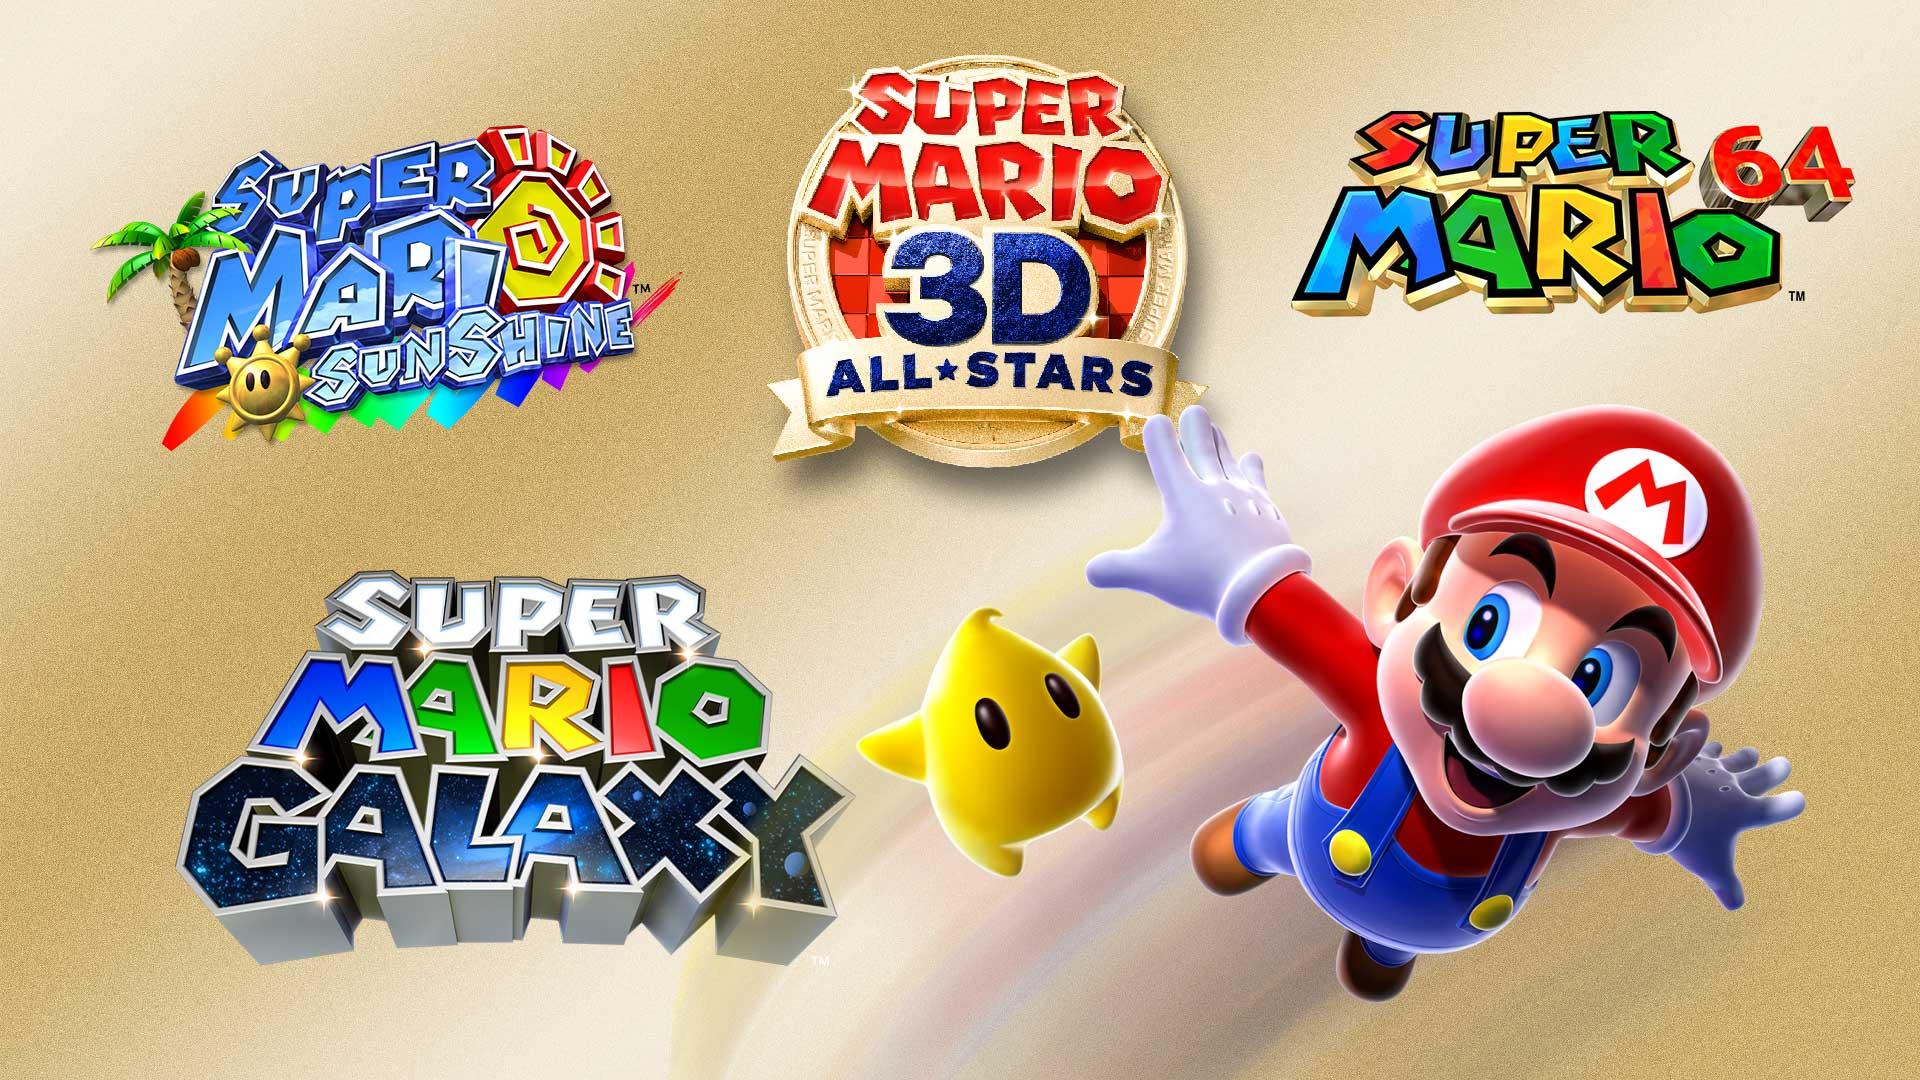 super mario 3d all stars release